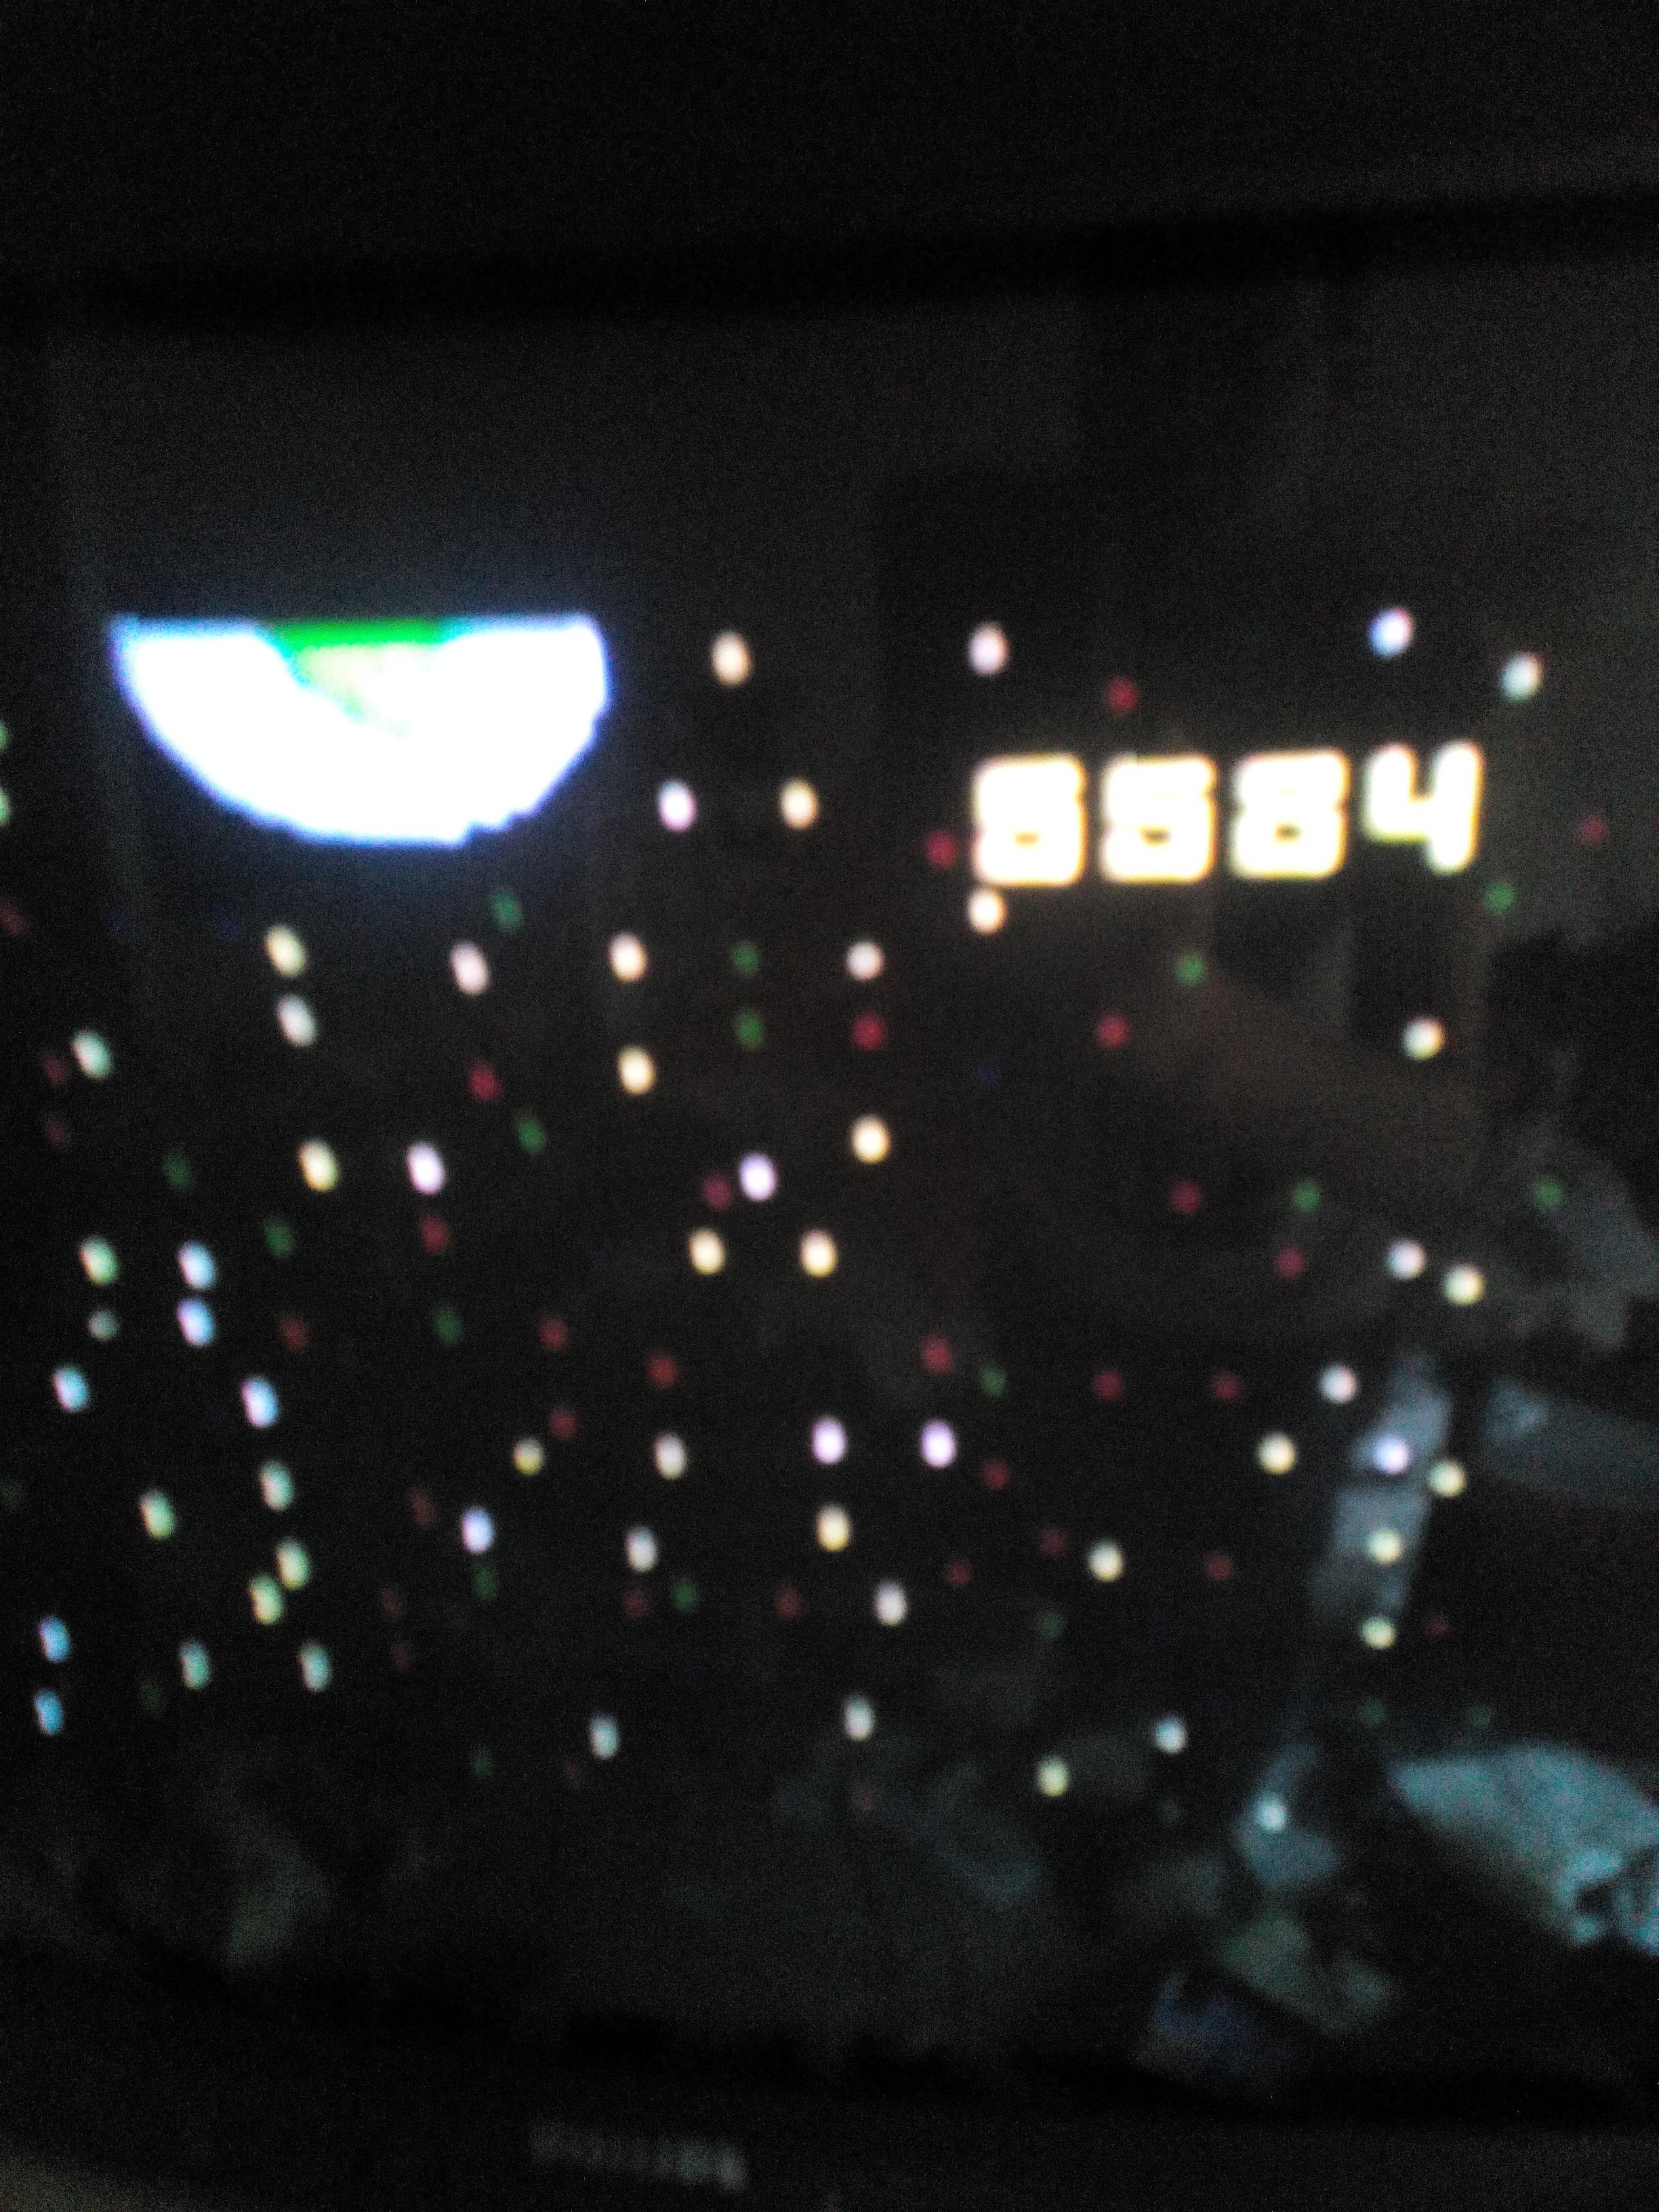 Star Strike: Level 4 5,584 points